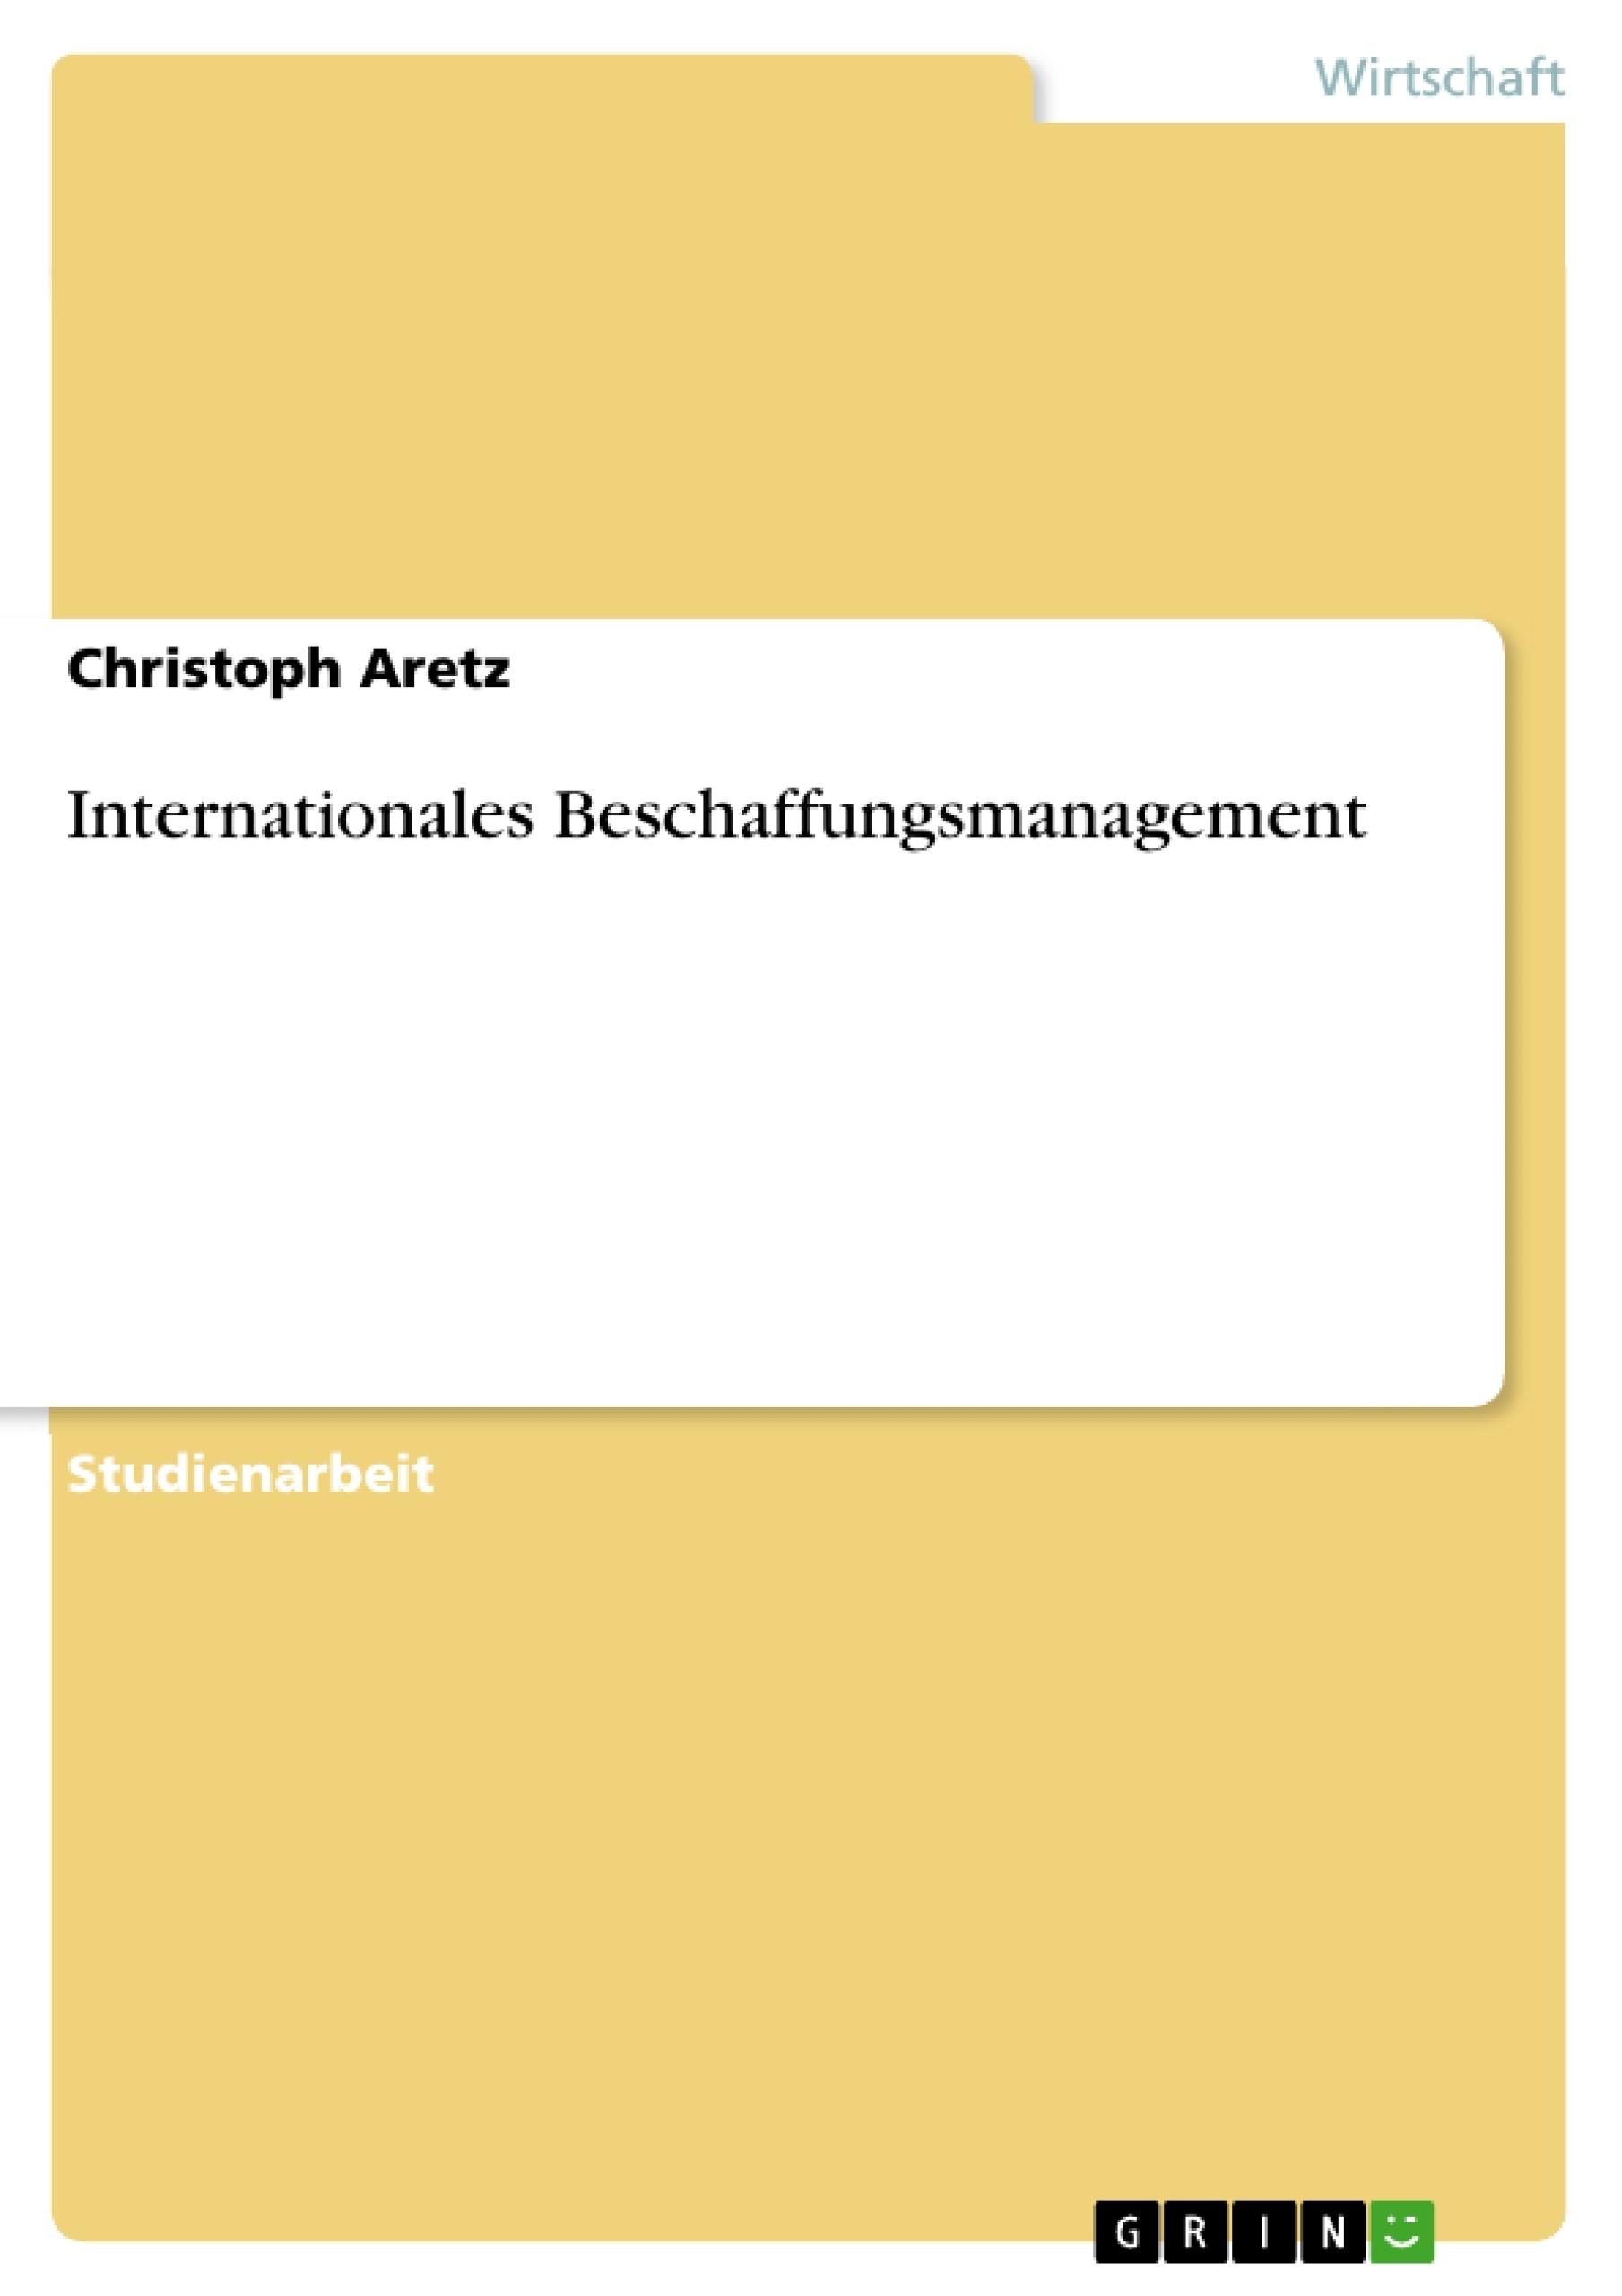 Titel: Internationales Beschaffungsmanagement